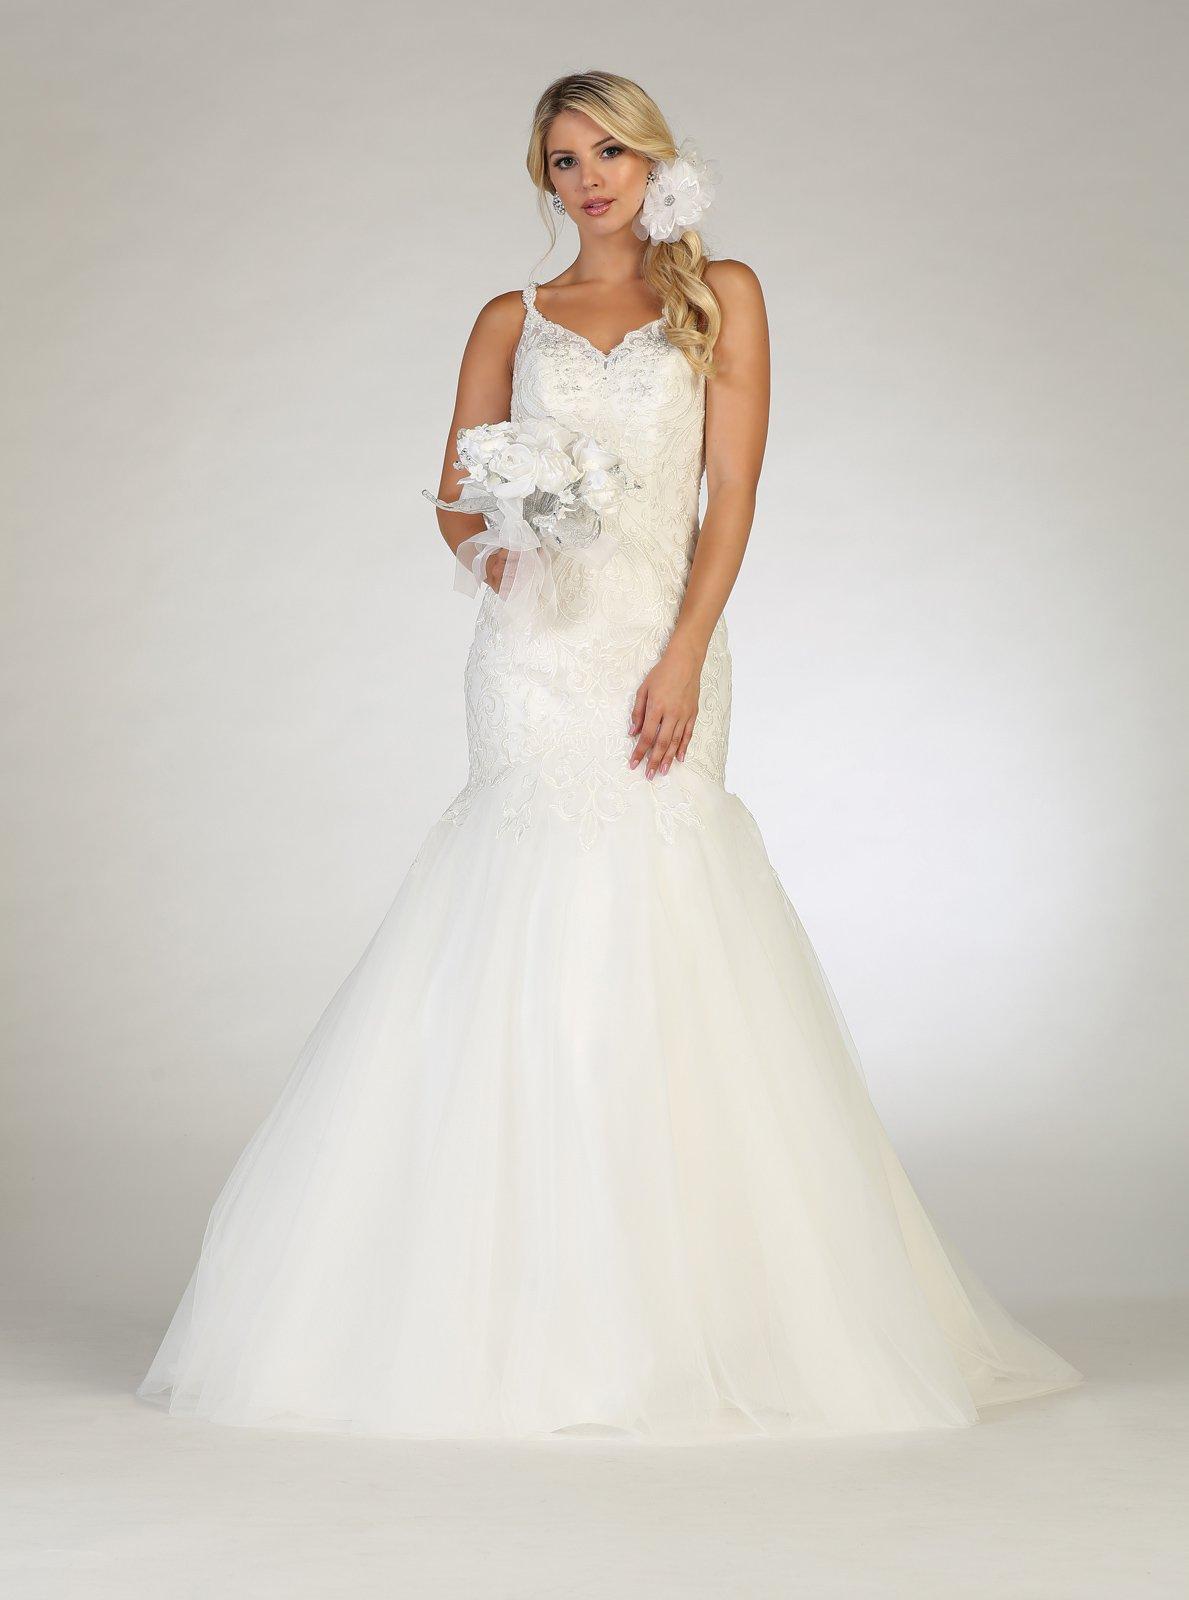 Ivory Plus Size Wedding Dress With Beaded V-Neck With Keyhole Back